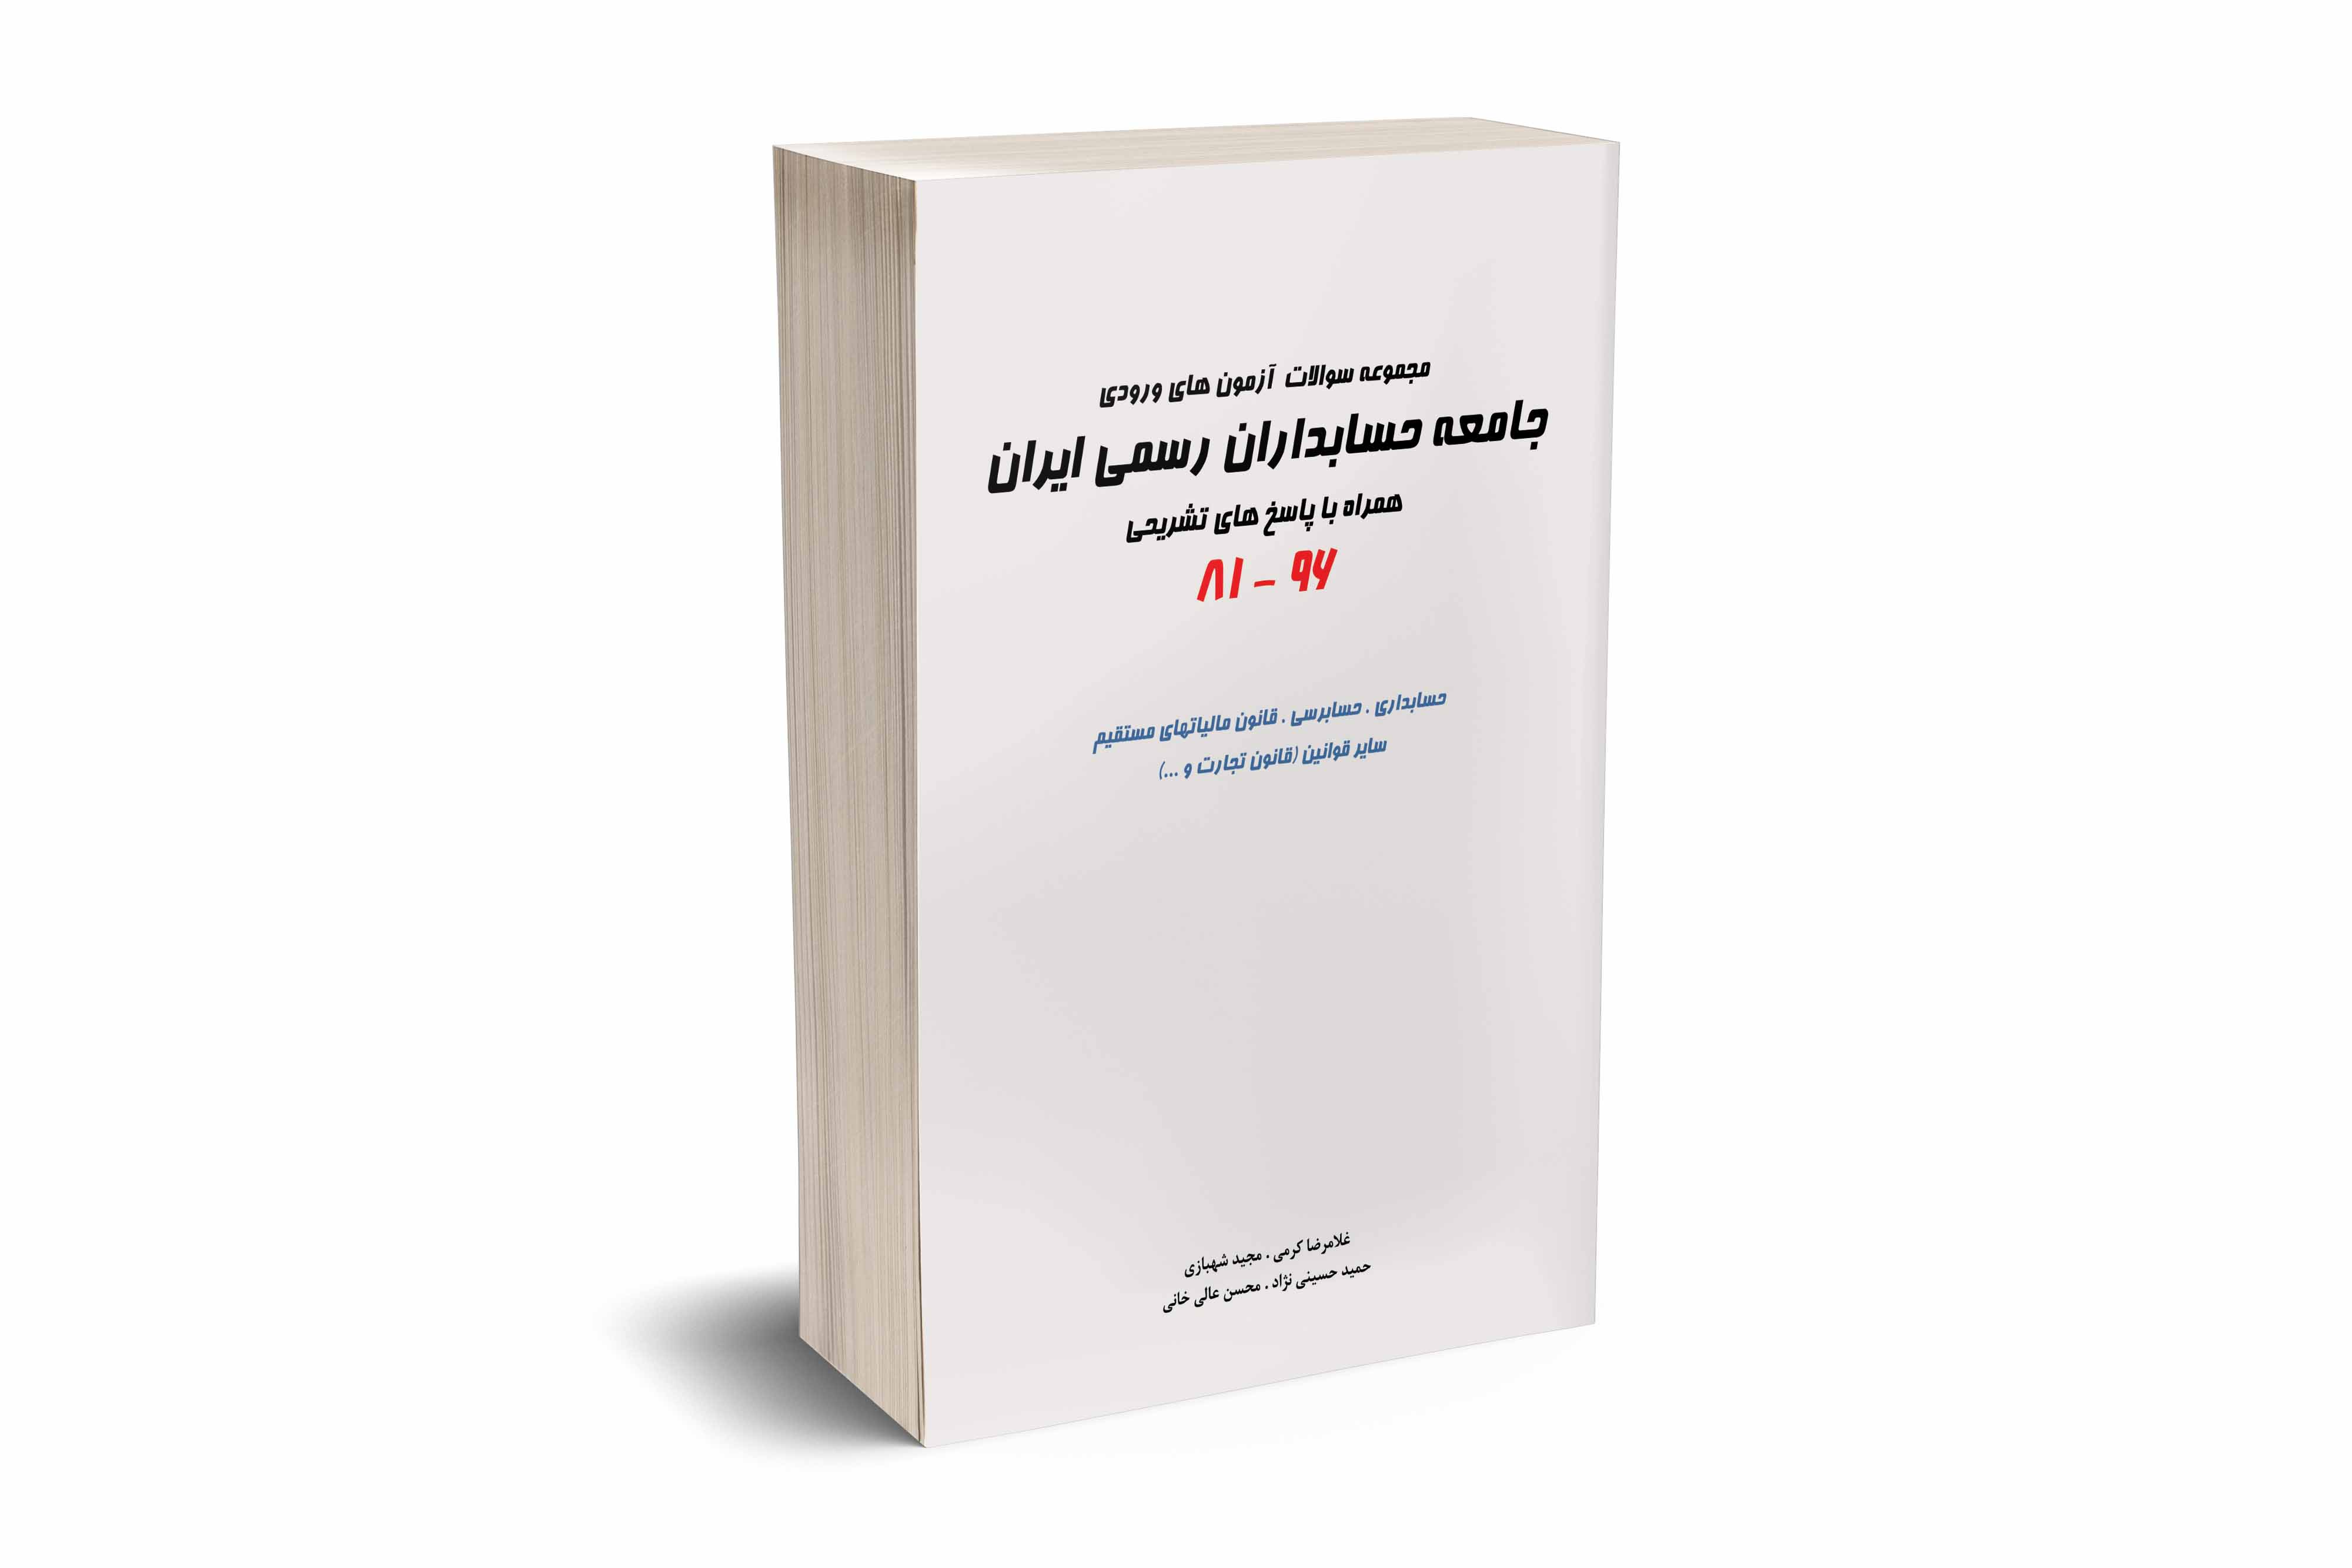 مجموعه سوالات آزمون های ورودی جامعه حسابداران رسمی ایران 81-96